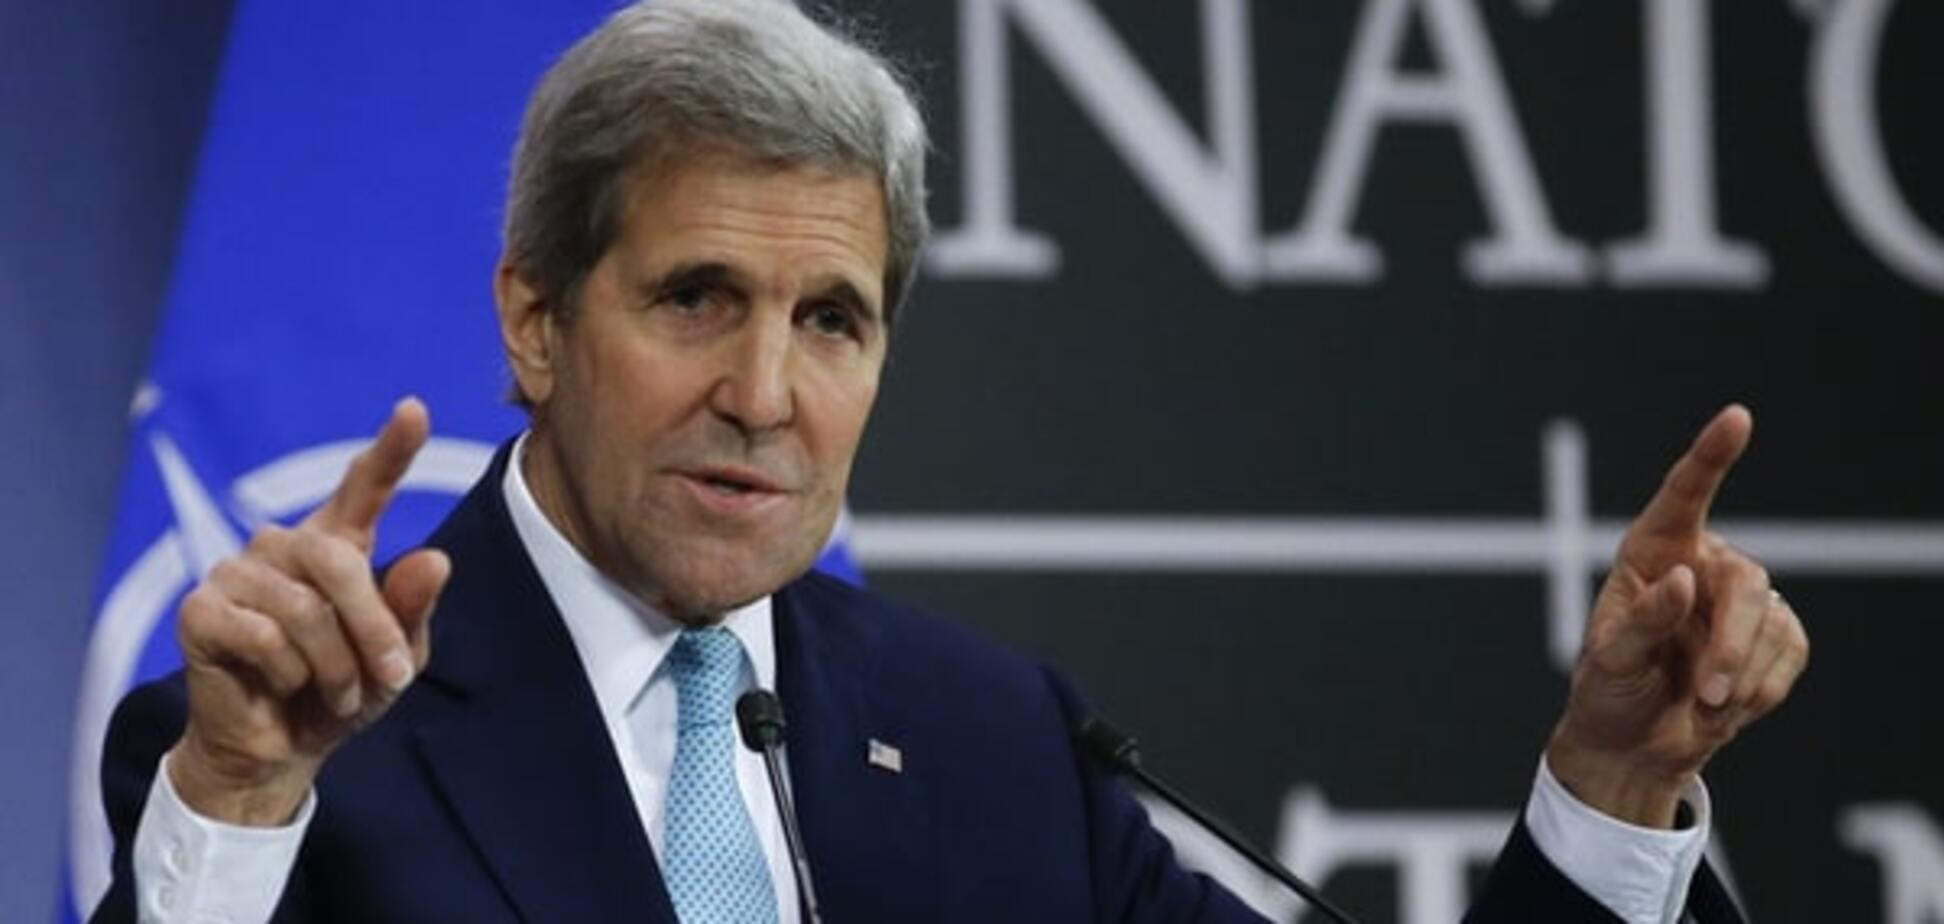 Спеціально для Москви: Керрі нагадав, що НАТО - оборонний альянс